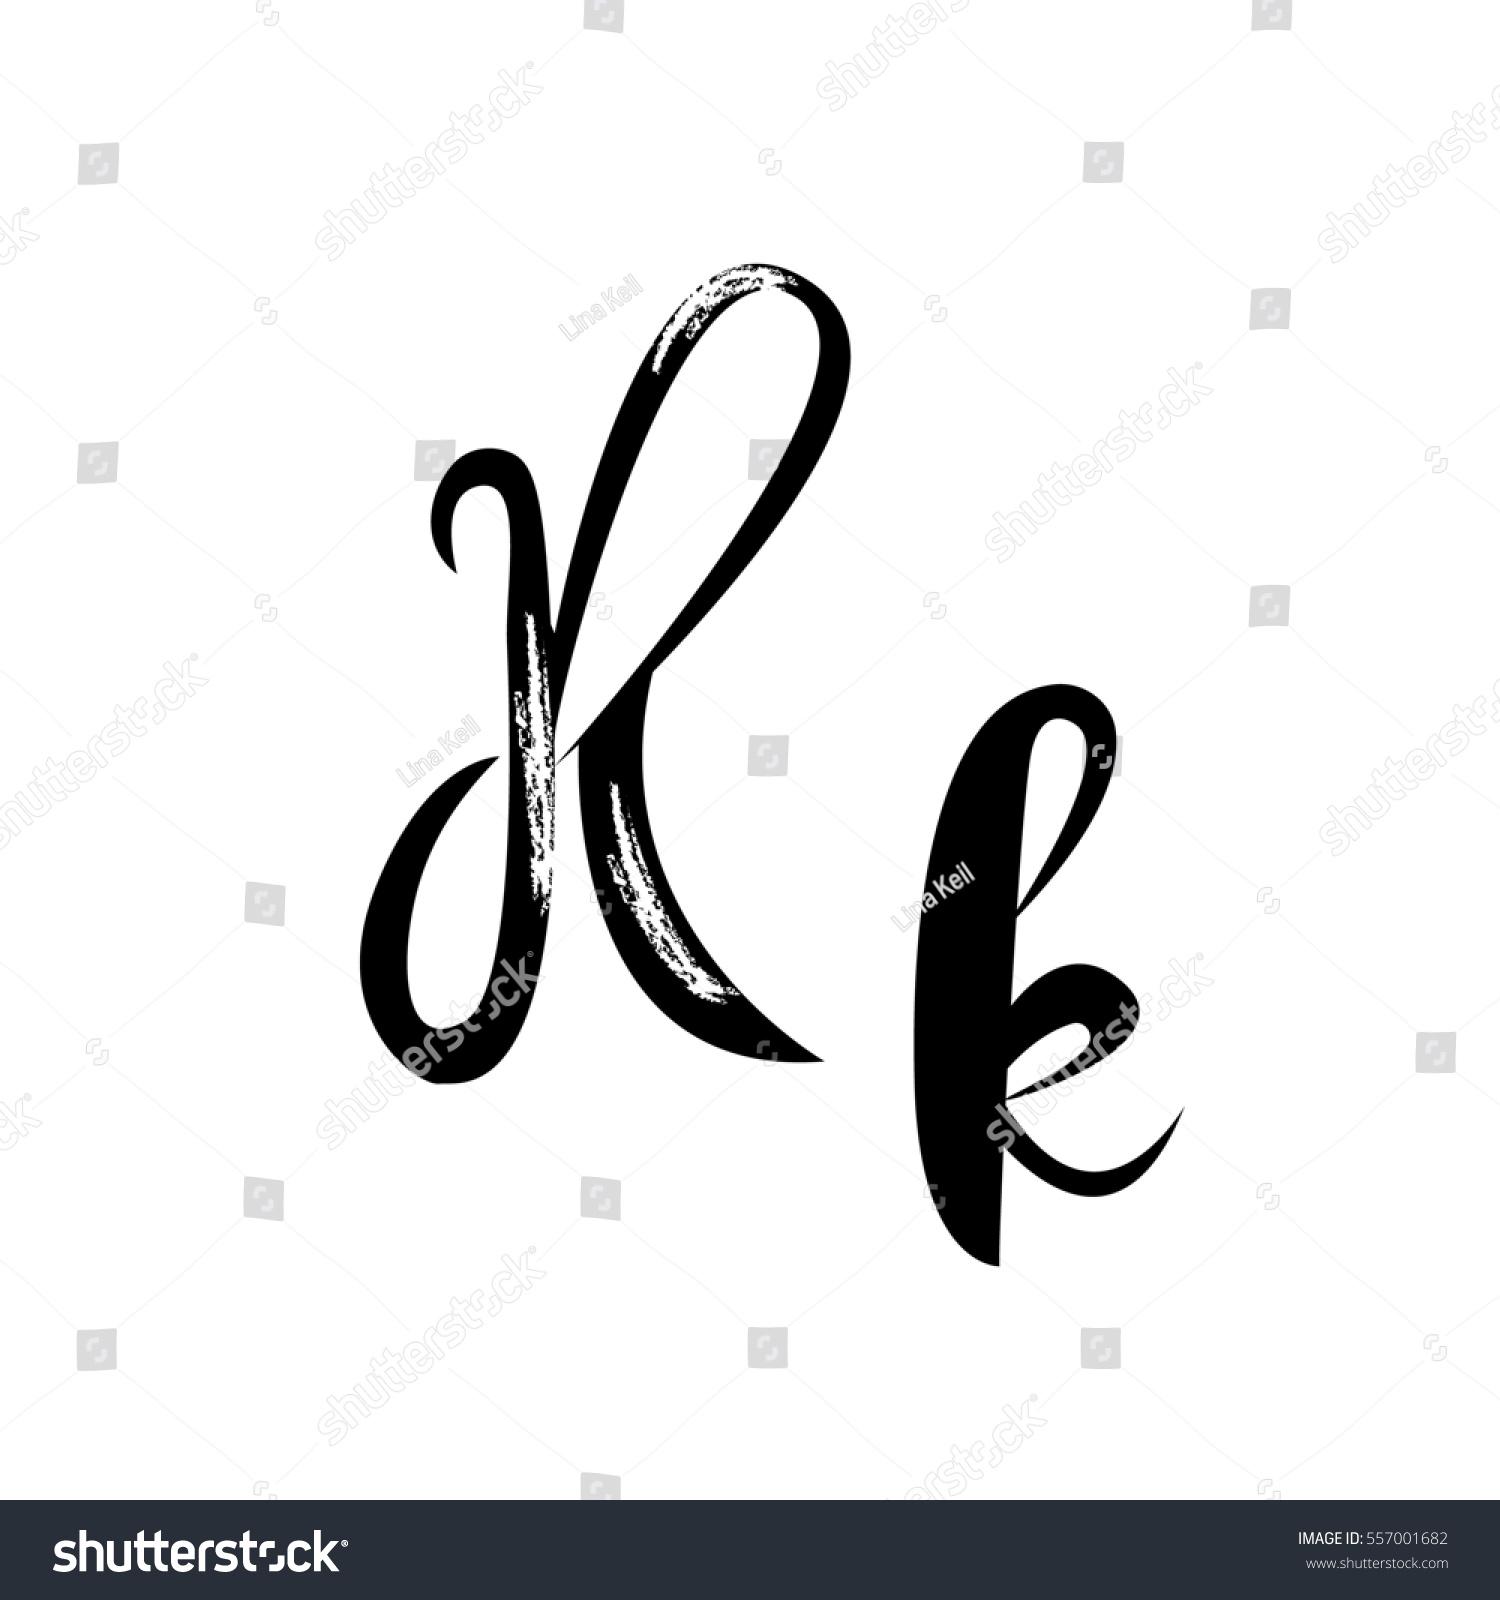 letter k alphabet lettering calligraphy manuscript stock